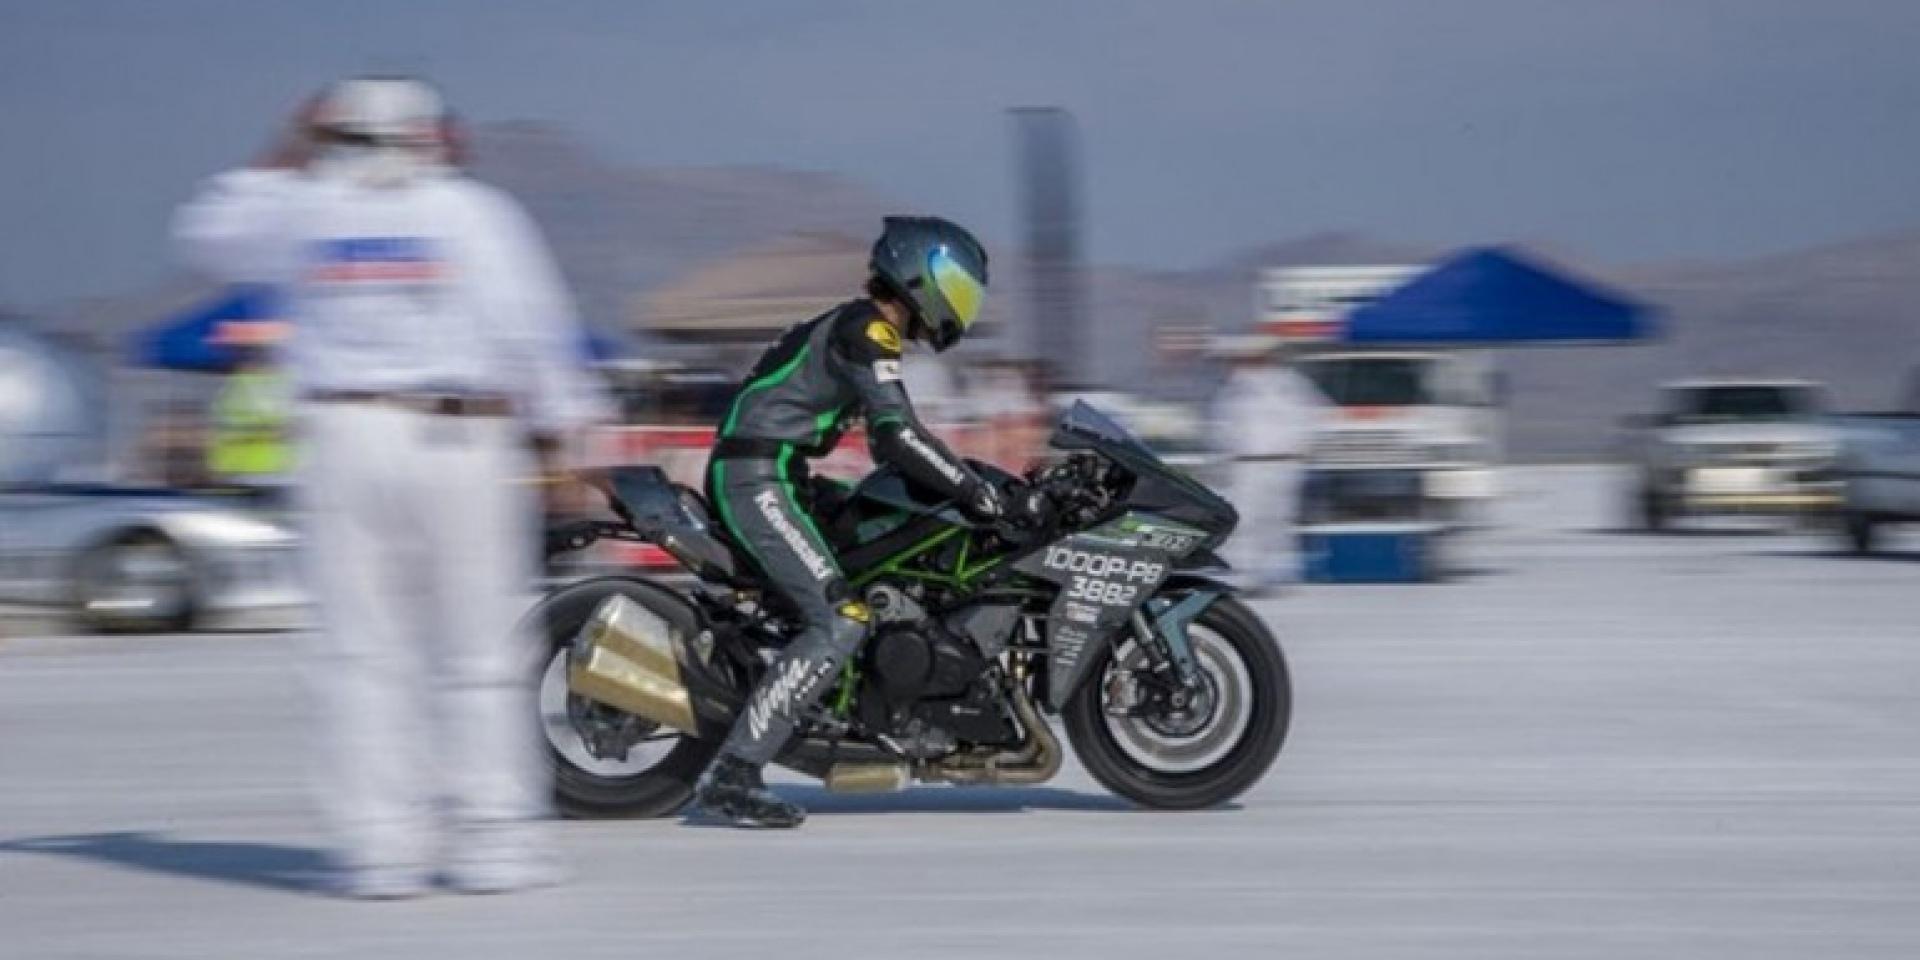 336公里Bonneville鹽灘認證最速量產車。Kawasaki H2寫下世界紀錄